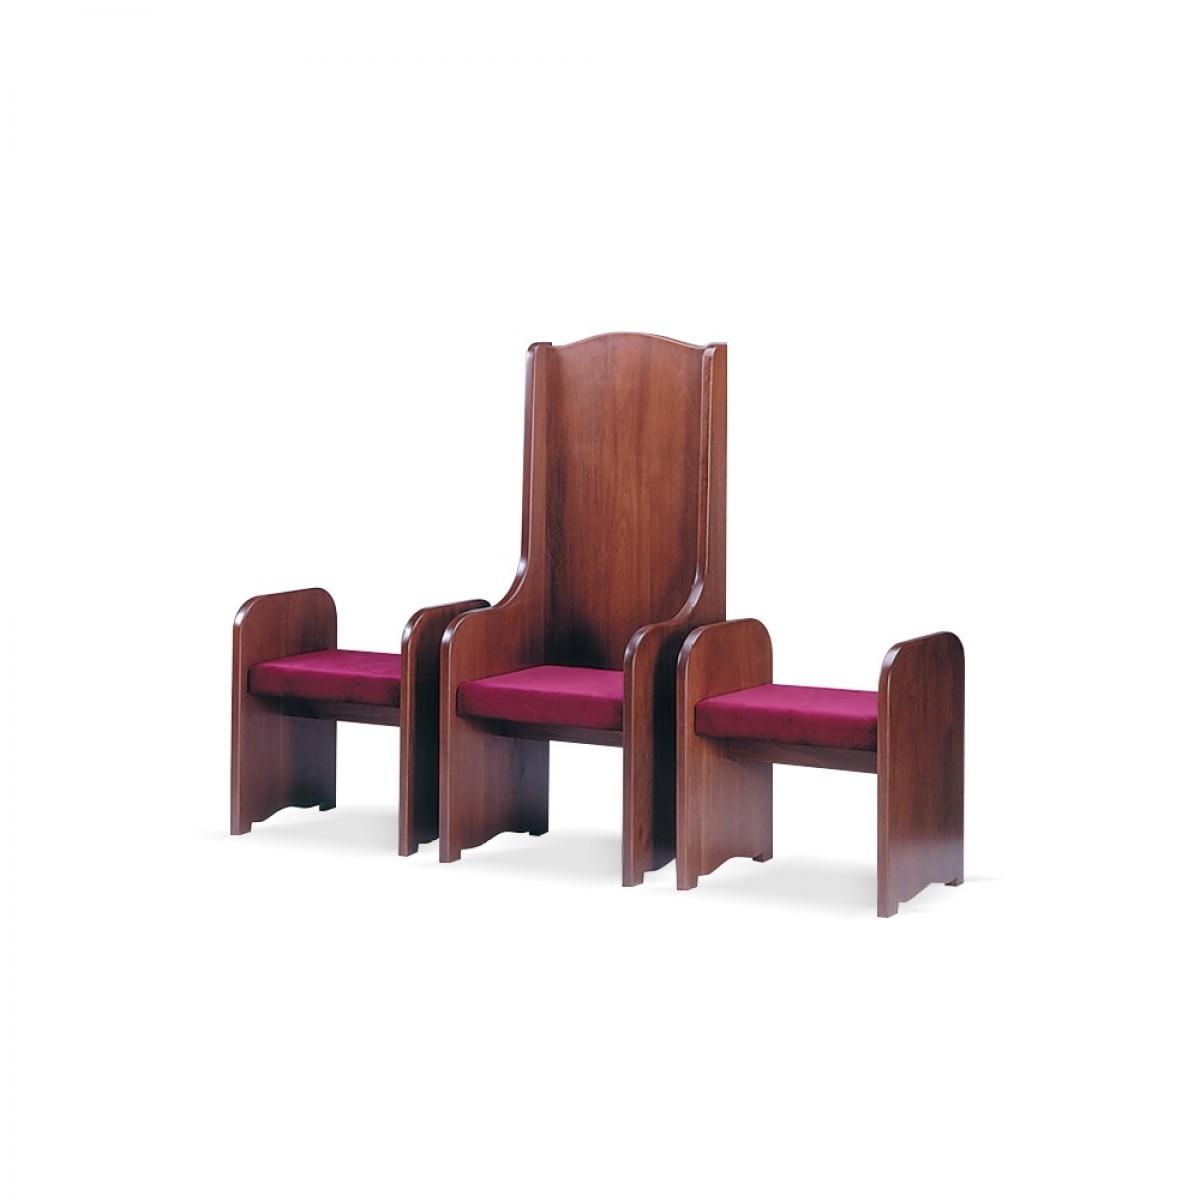 Completo sedia e due sgabelli - art. 160/1